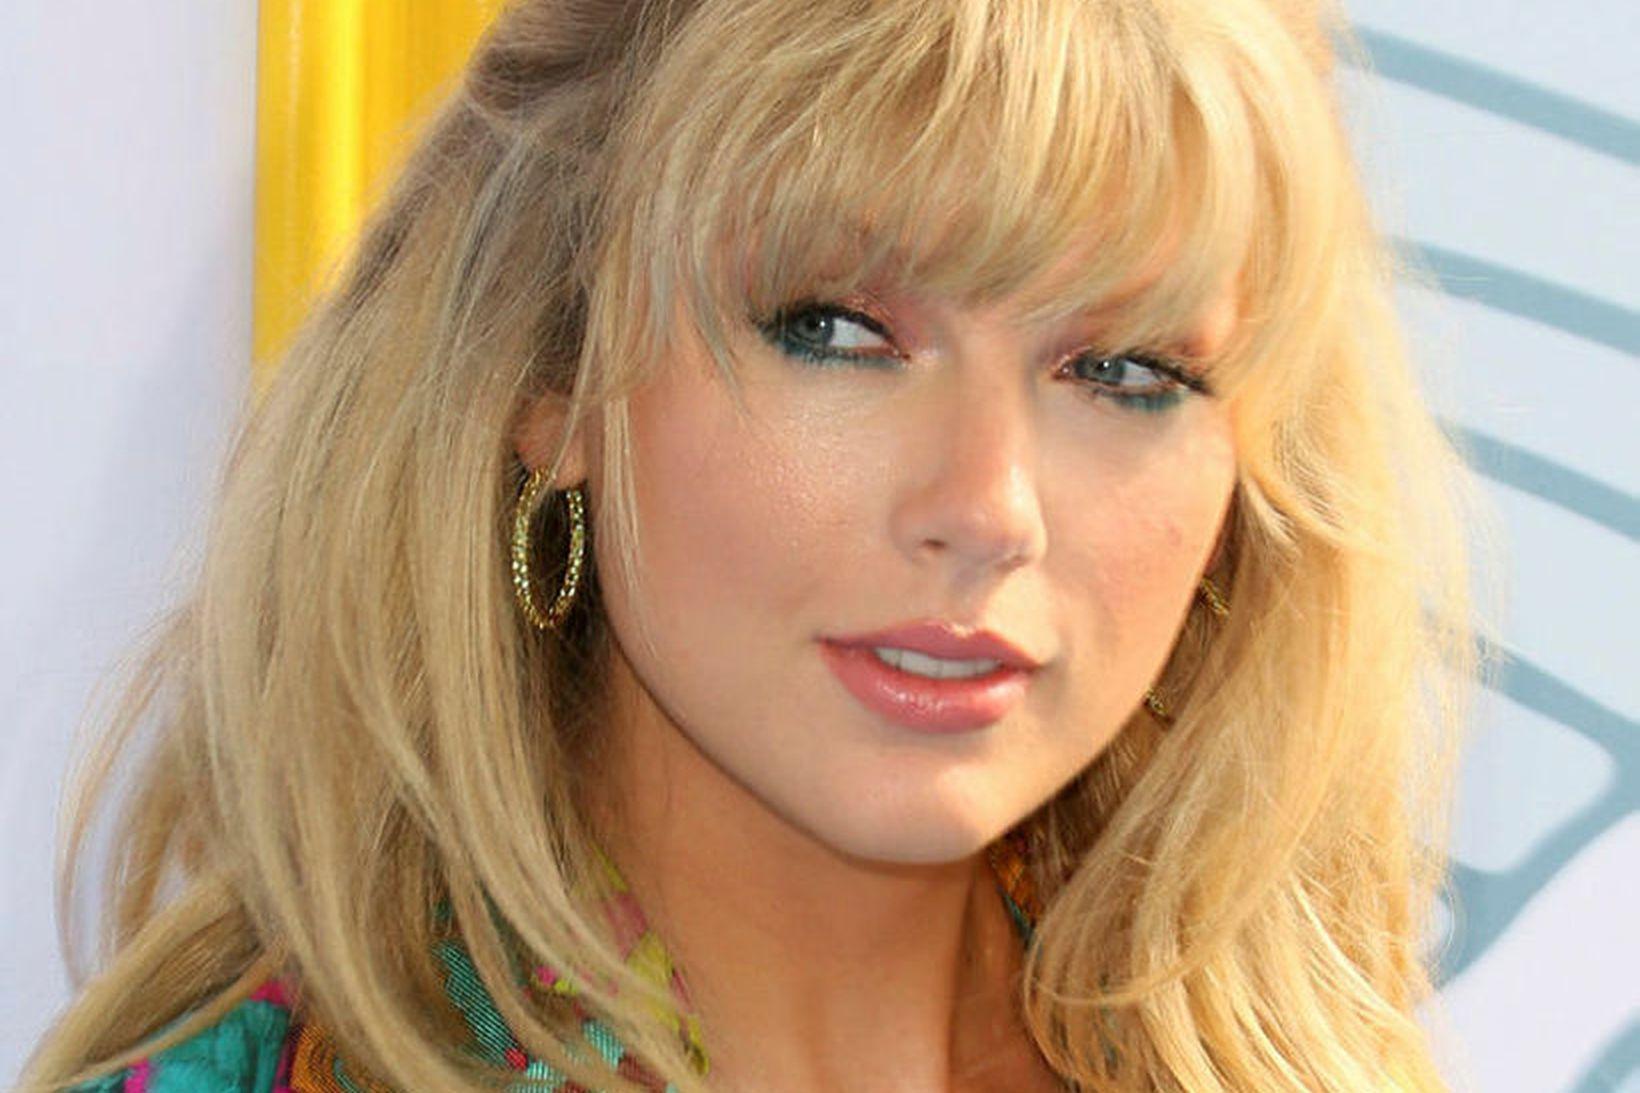 Samkvæmisónotin lutu í lægra haldi fyrir Taylor Swift.